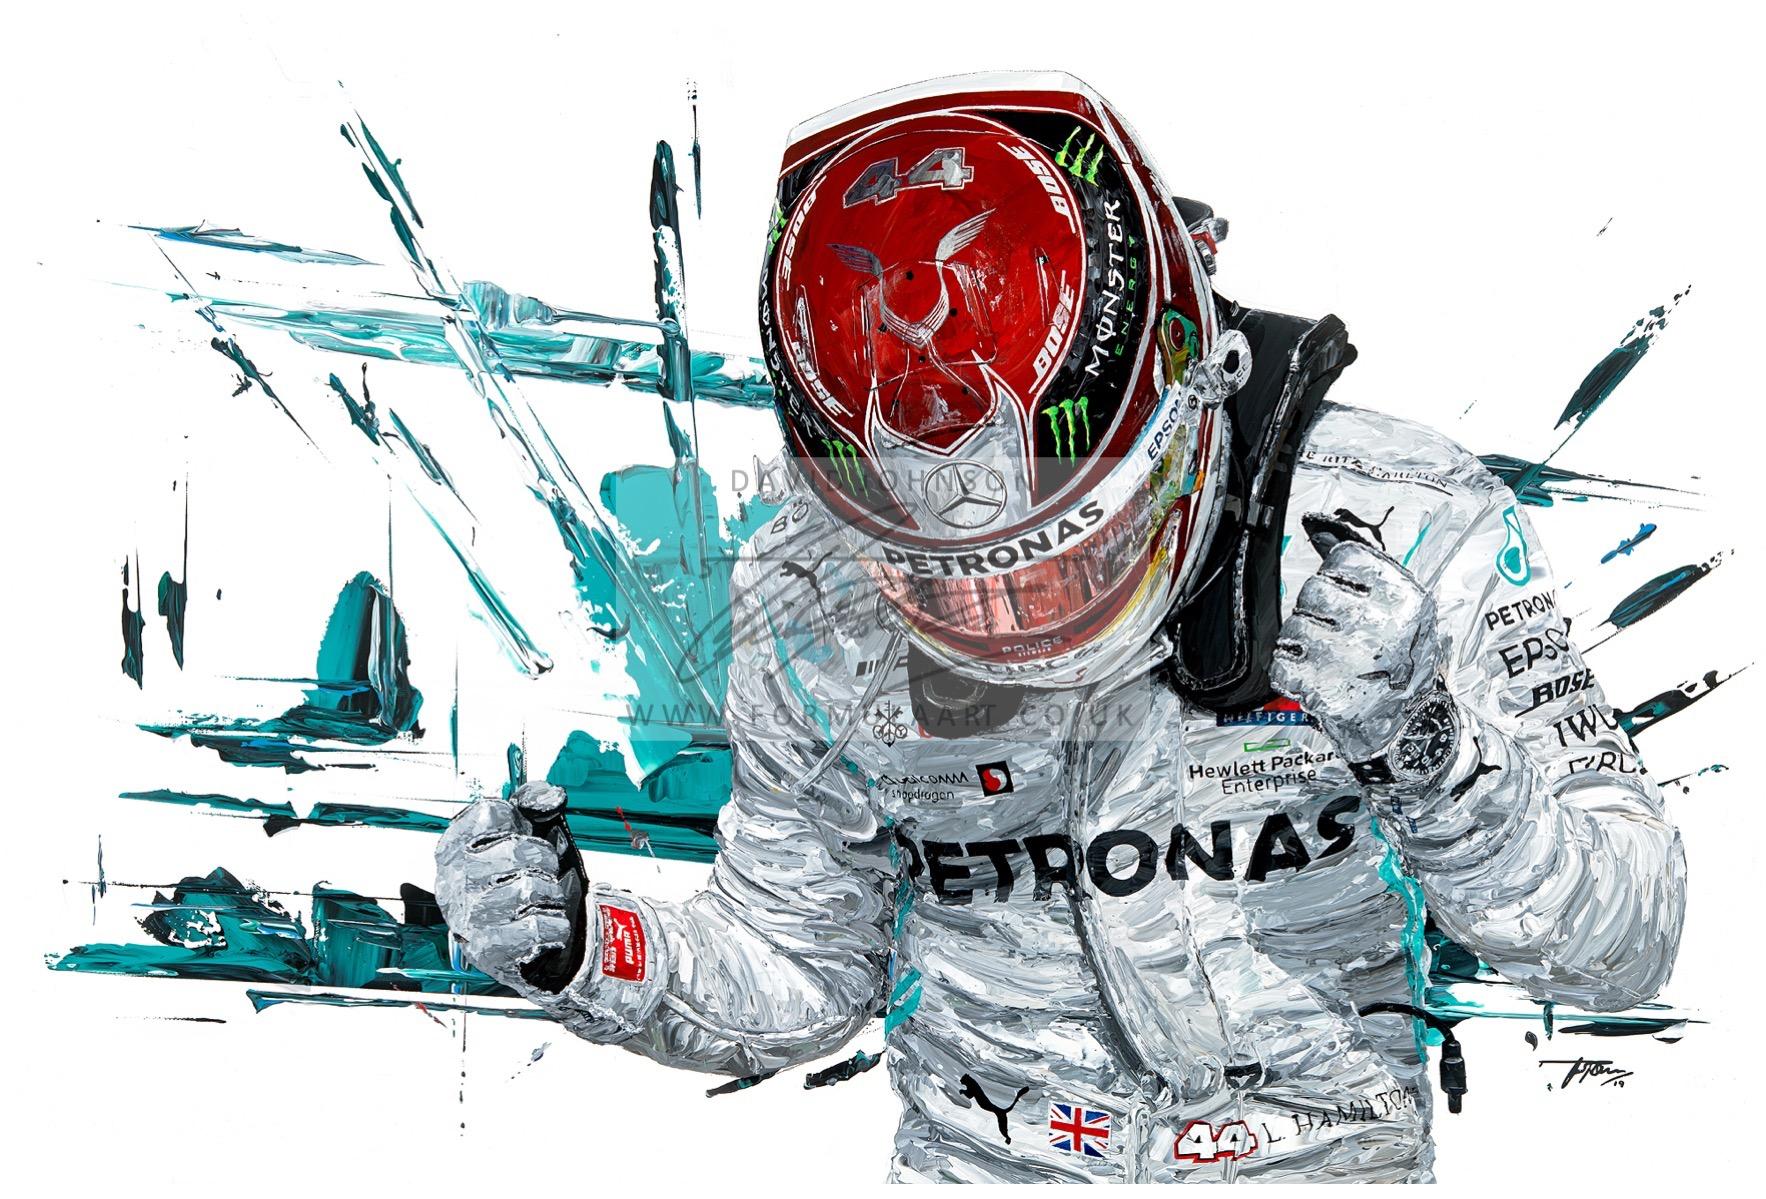 Lewis Hamilton 2019 F1 World Champion hand embellished